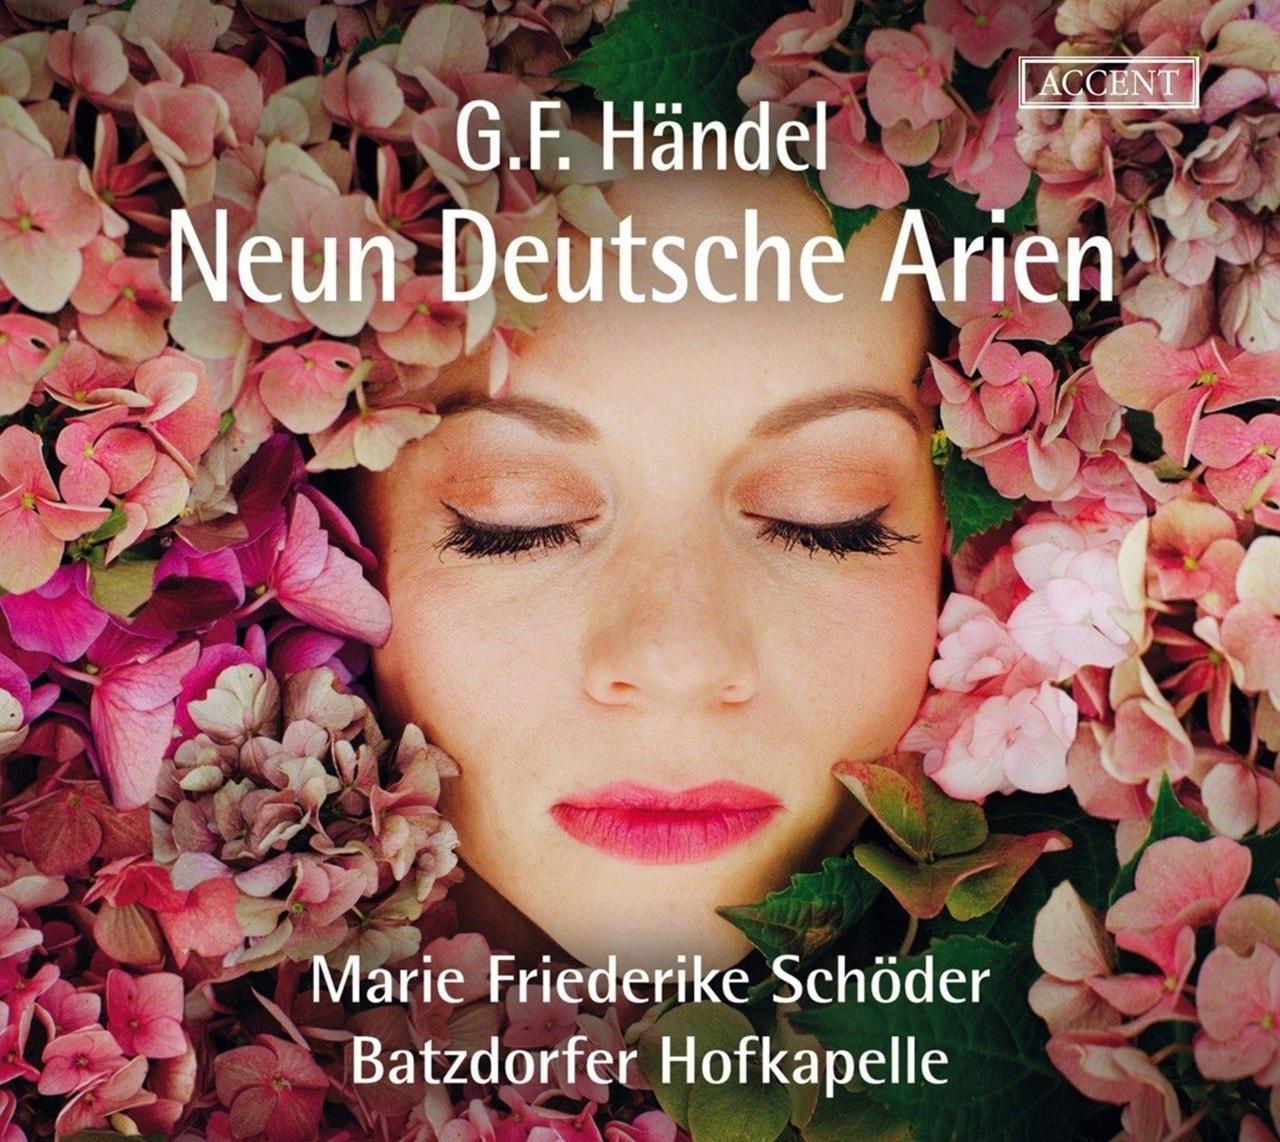 G.F. Handel: Neun Deutsche Arien - 1